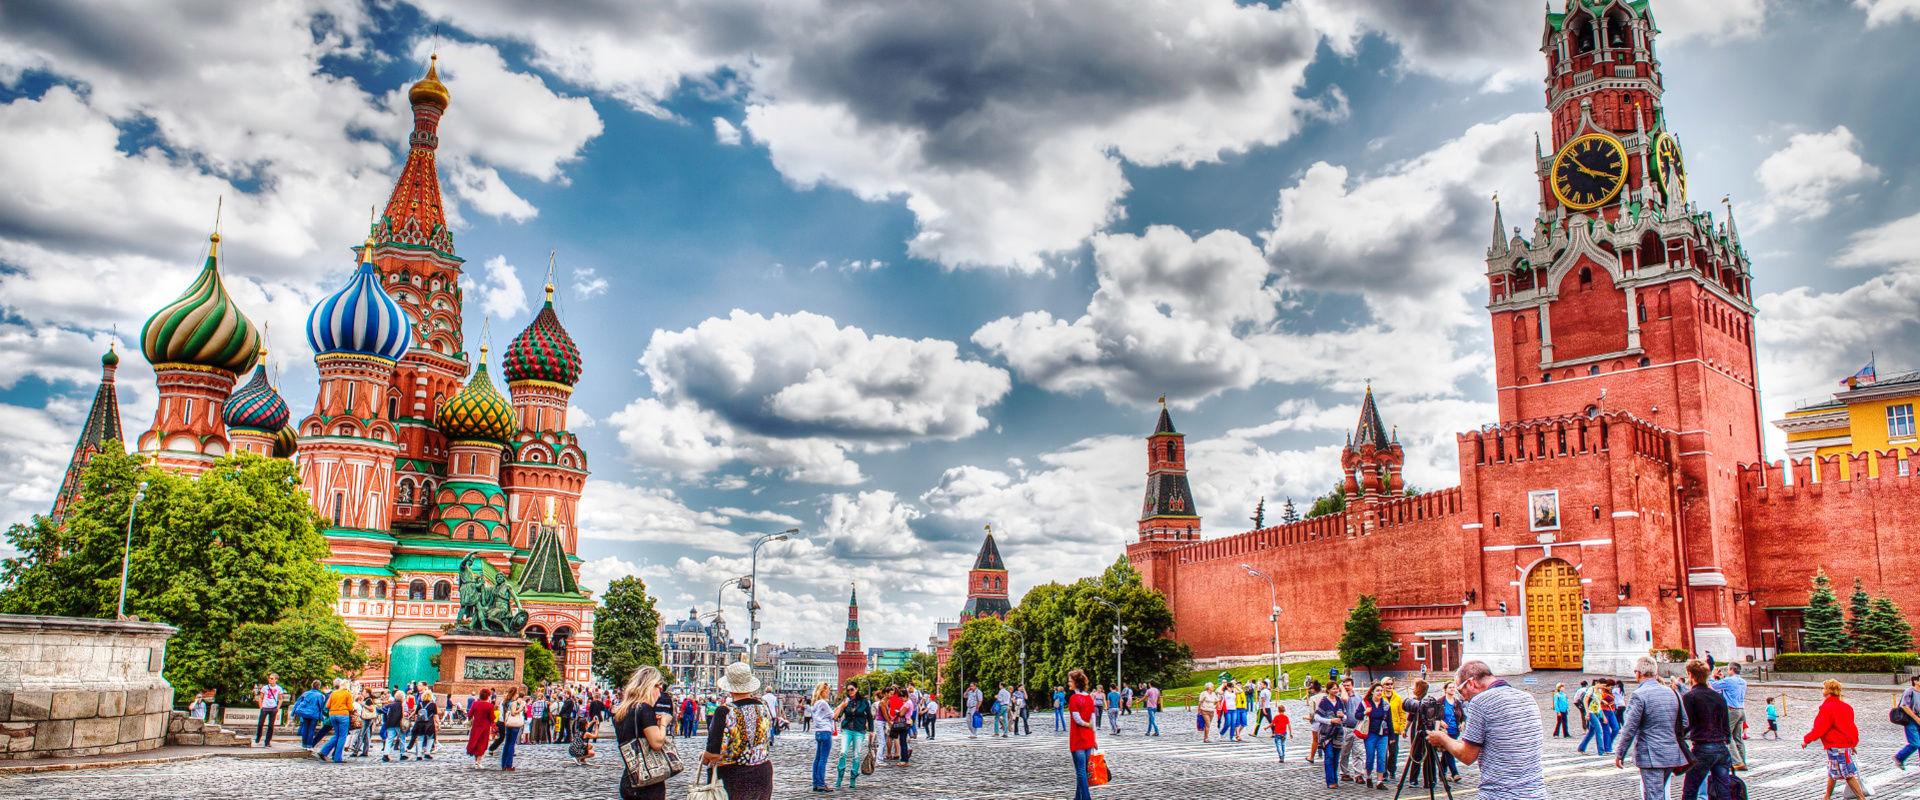 Dịch vụ mua hộ hàng từ Tỉnh Rostov, Nga uy tín giá rẻ